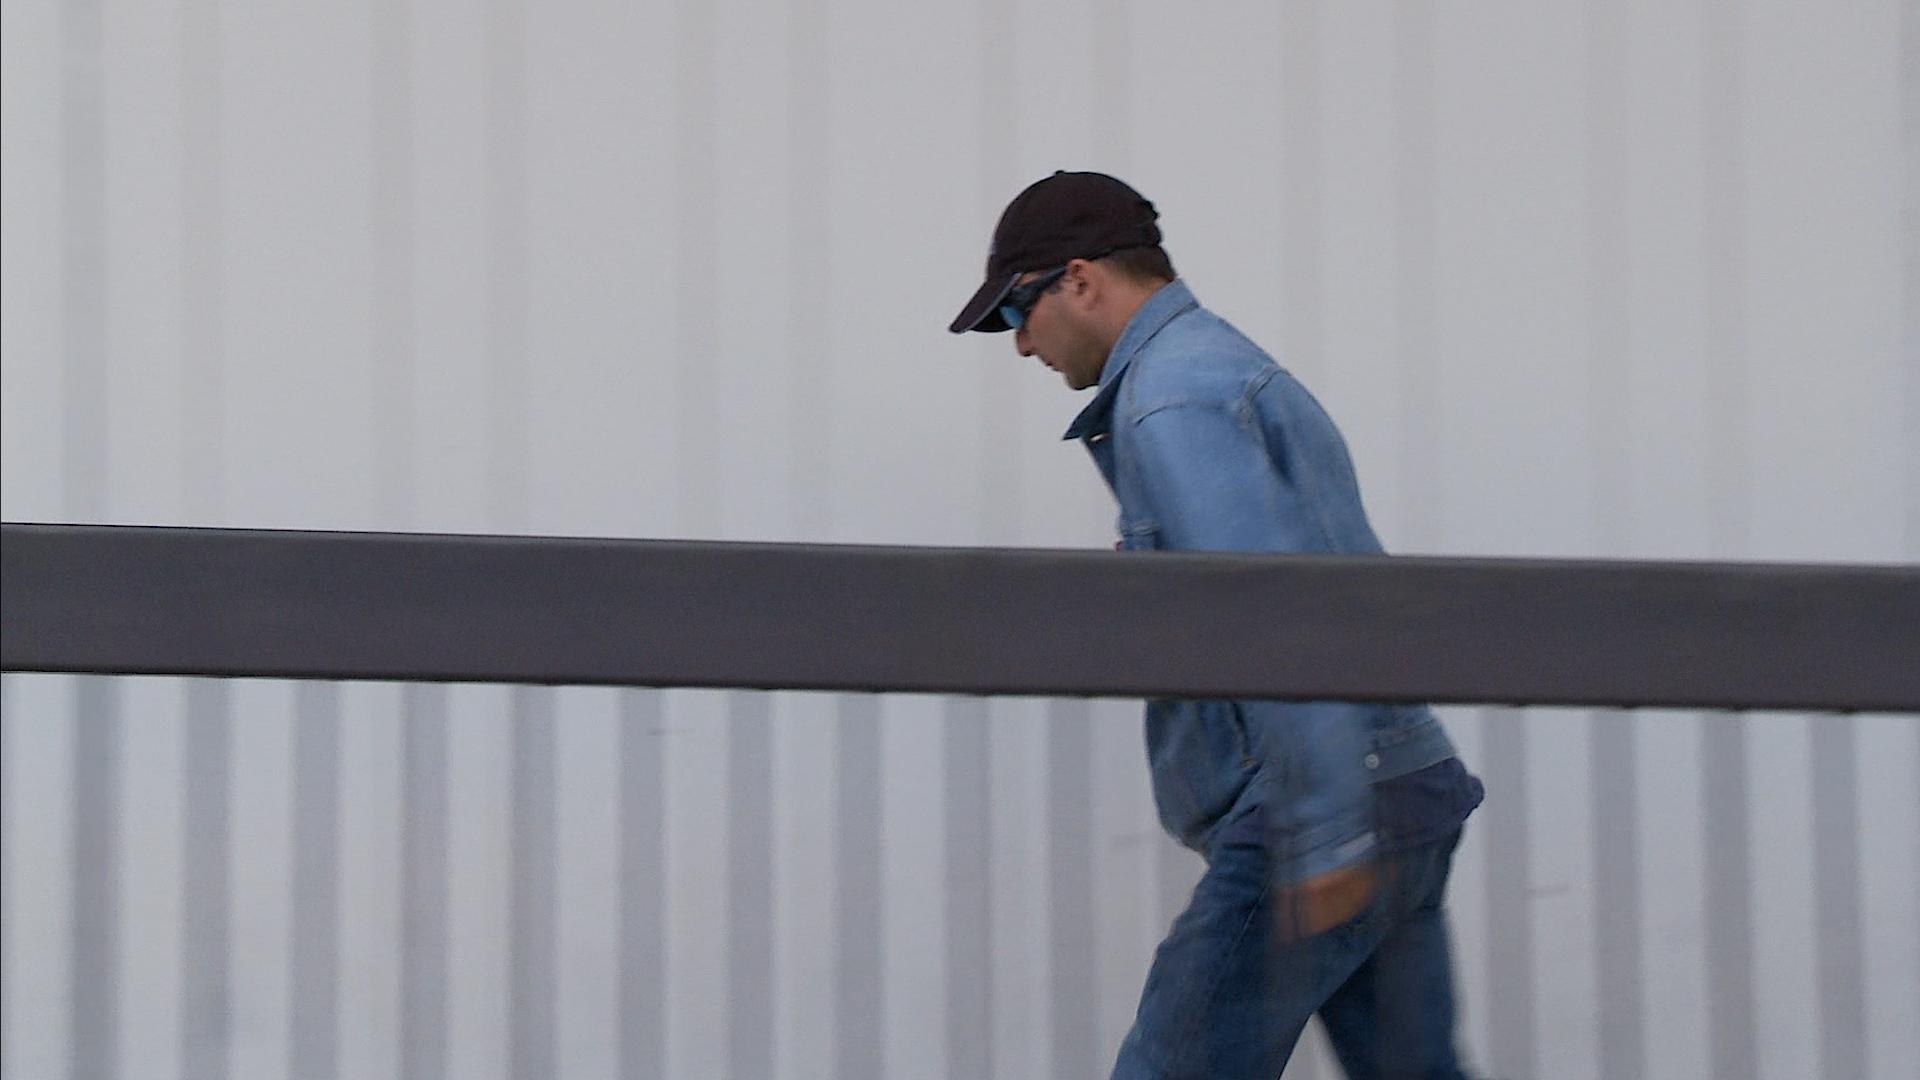 涉嫌偷竊《大紀元時報》報紙並破壞、污穢報箱,蓋里耶在9月19日的聆訊結束後,快速離開法院。(新唐人截圖)